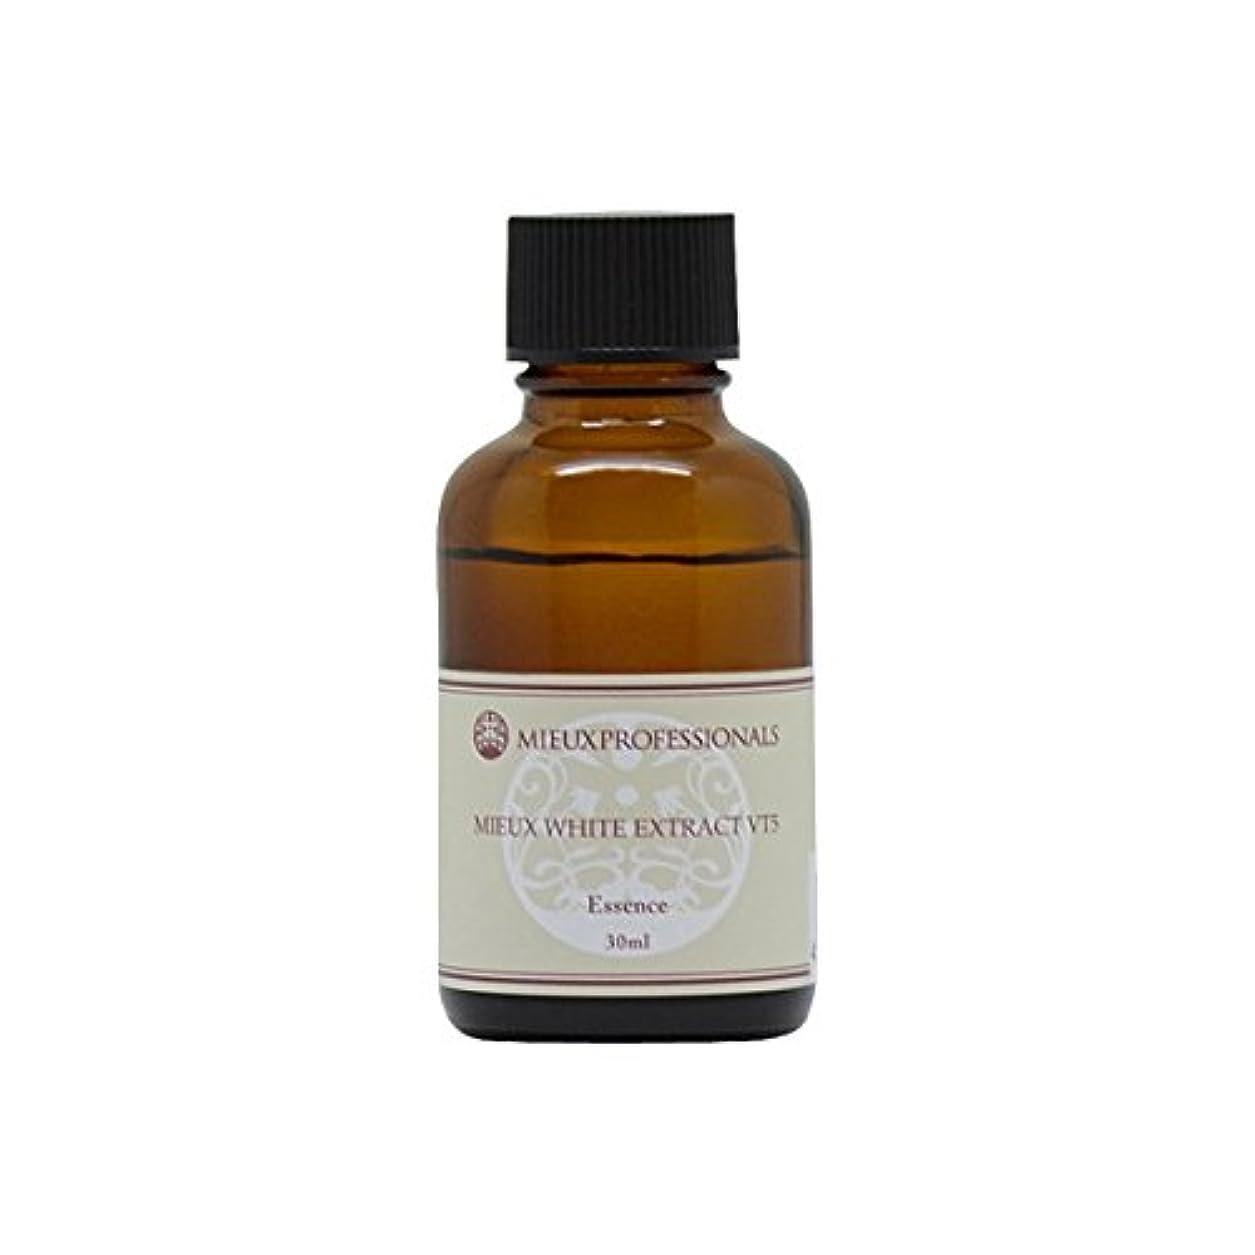 ミュウホワイトエキスVT5(ビタミンC誘導体) 30ml